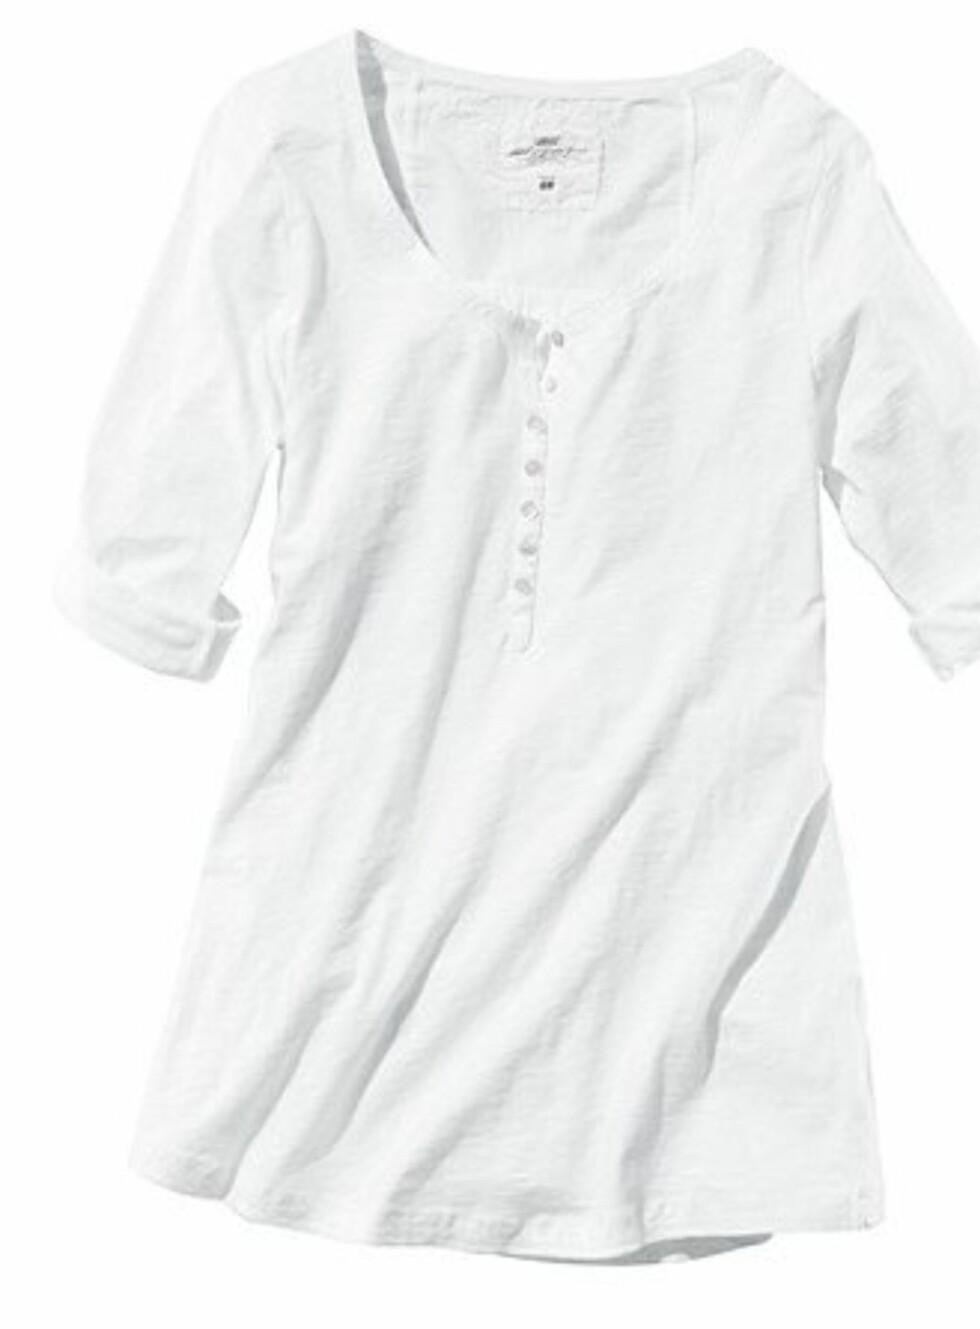 Hvit topp fra H&M, kr 149. Foto: Produsenten